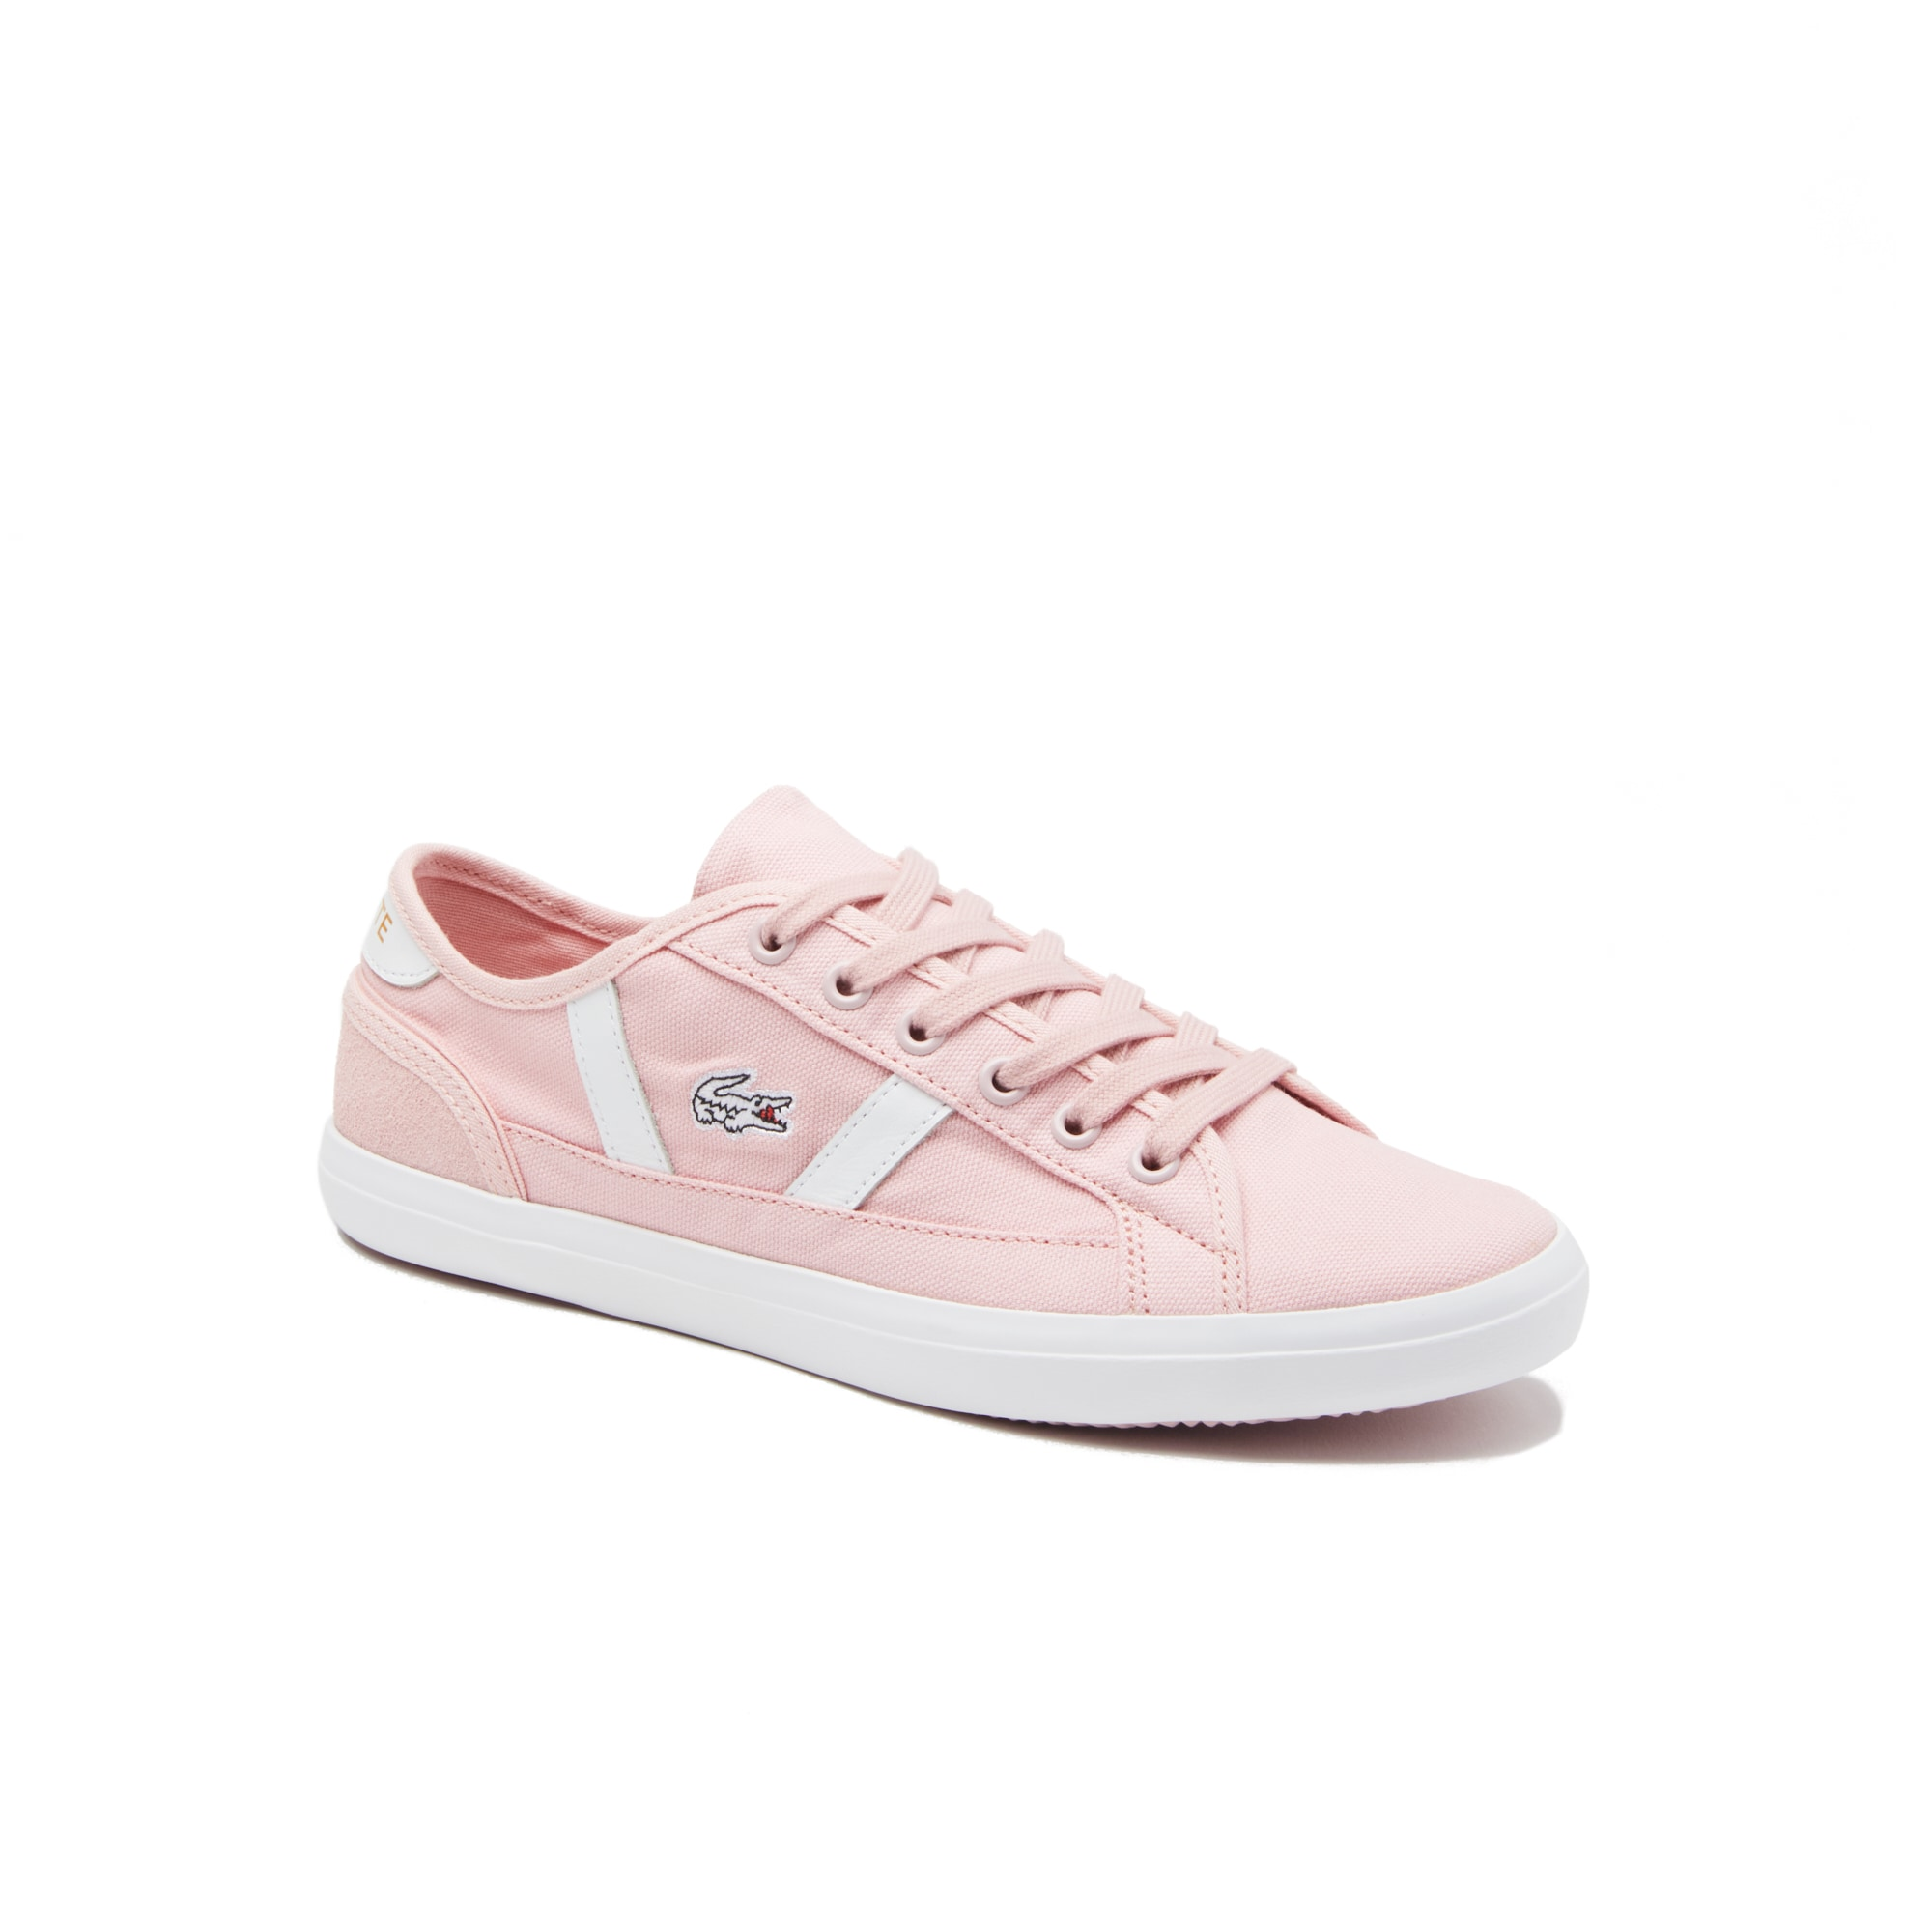 라코스테 우먼 사이드라인 스니커즈 - 라이트 핑크/화이트 Lacoste Womens Sideline Canvas and Leather Trainers,light pink/white